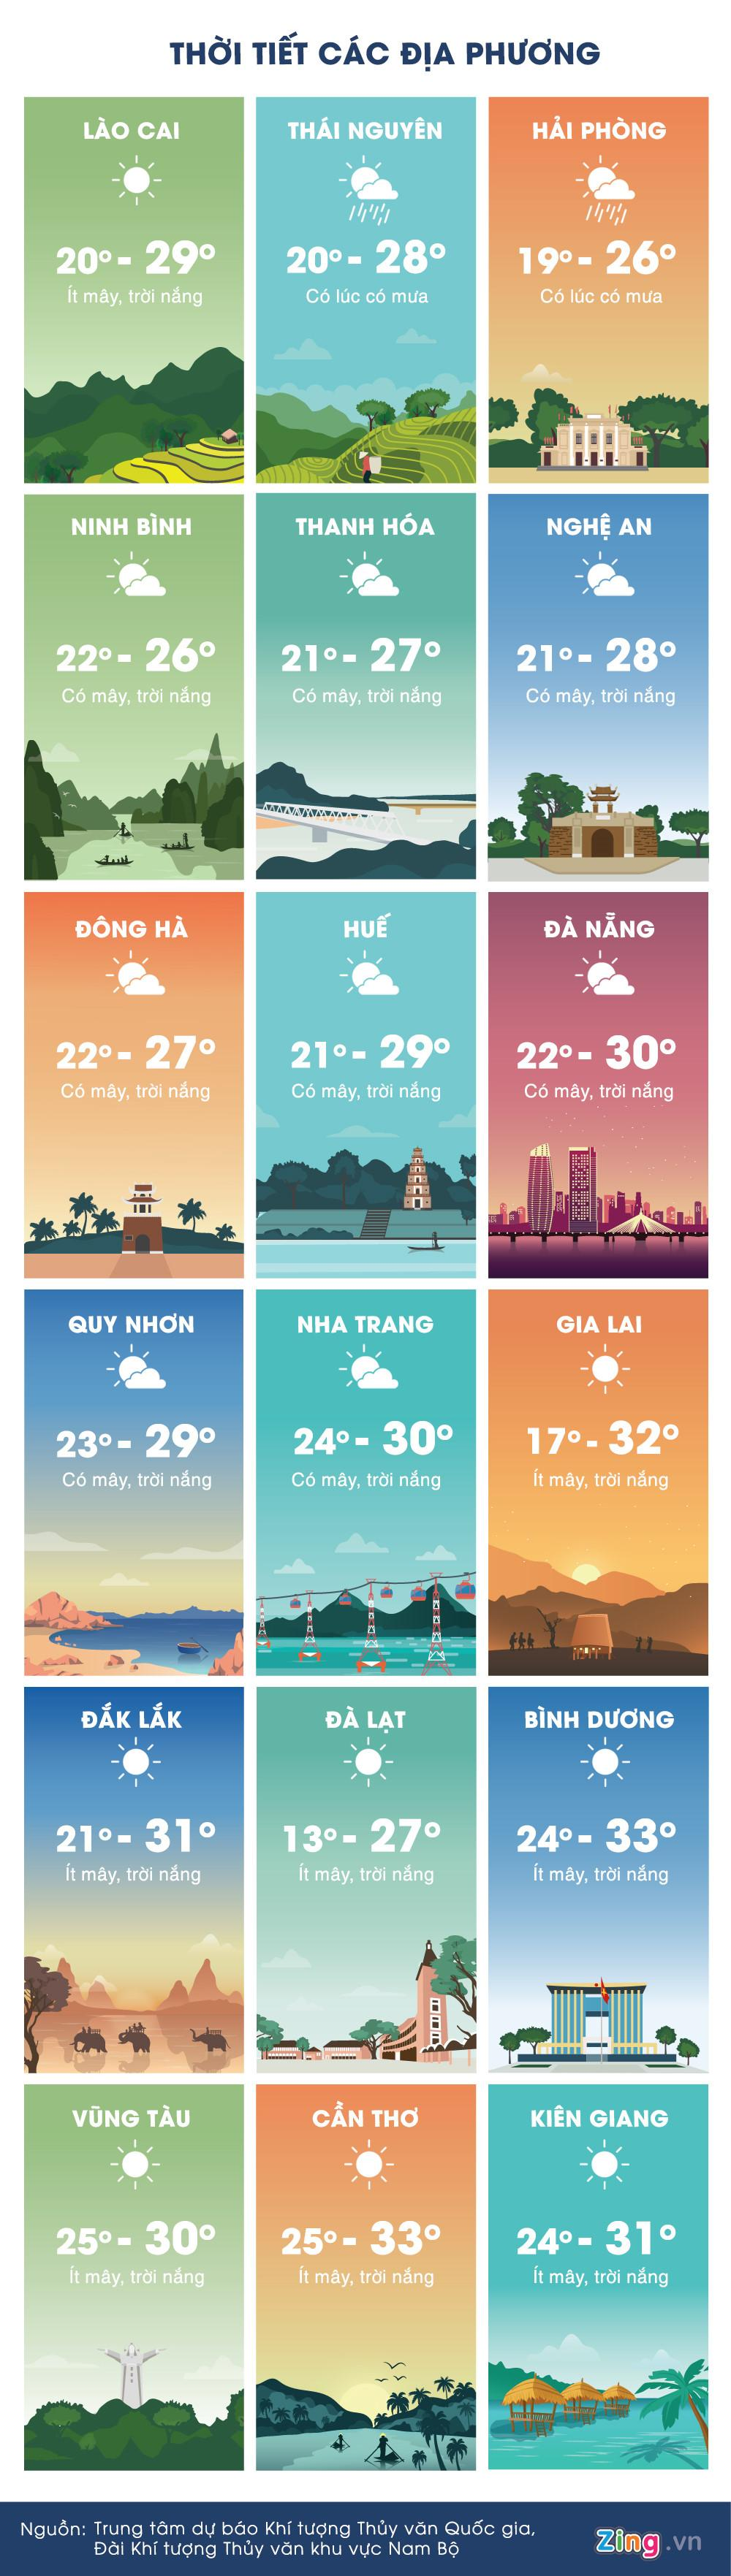 Thời tiết ngày 23/2: Hà Nội mưa dầm dề cả ngày, trời lạnh 18 độ C Ảnh 3